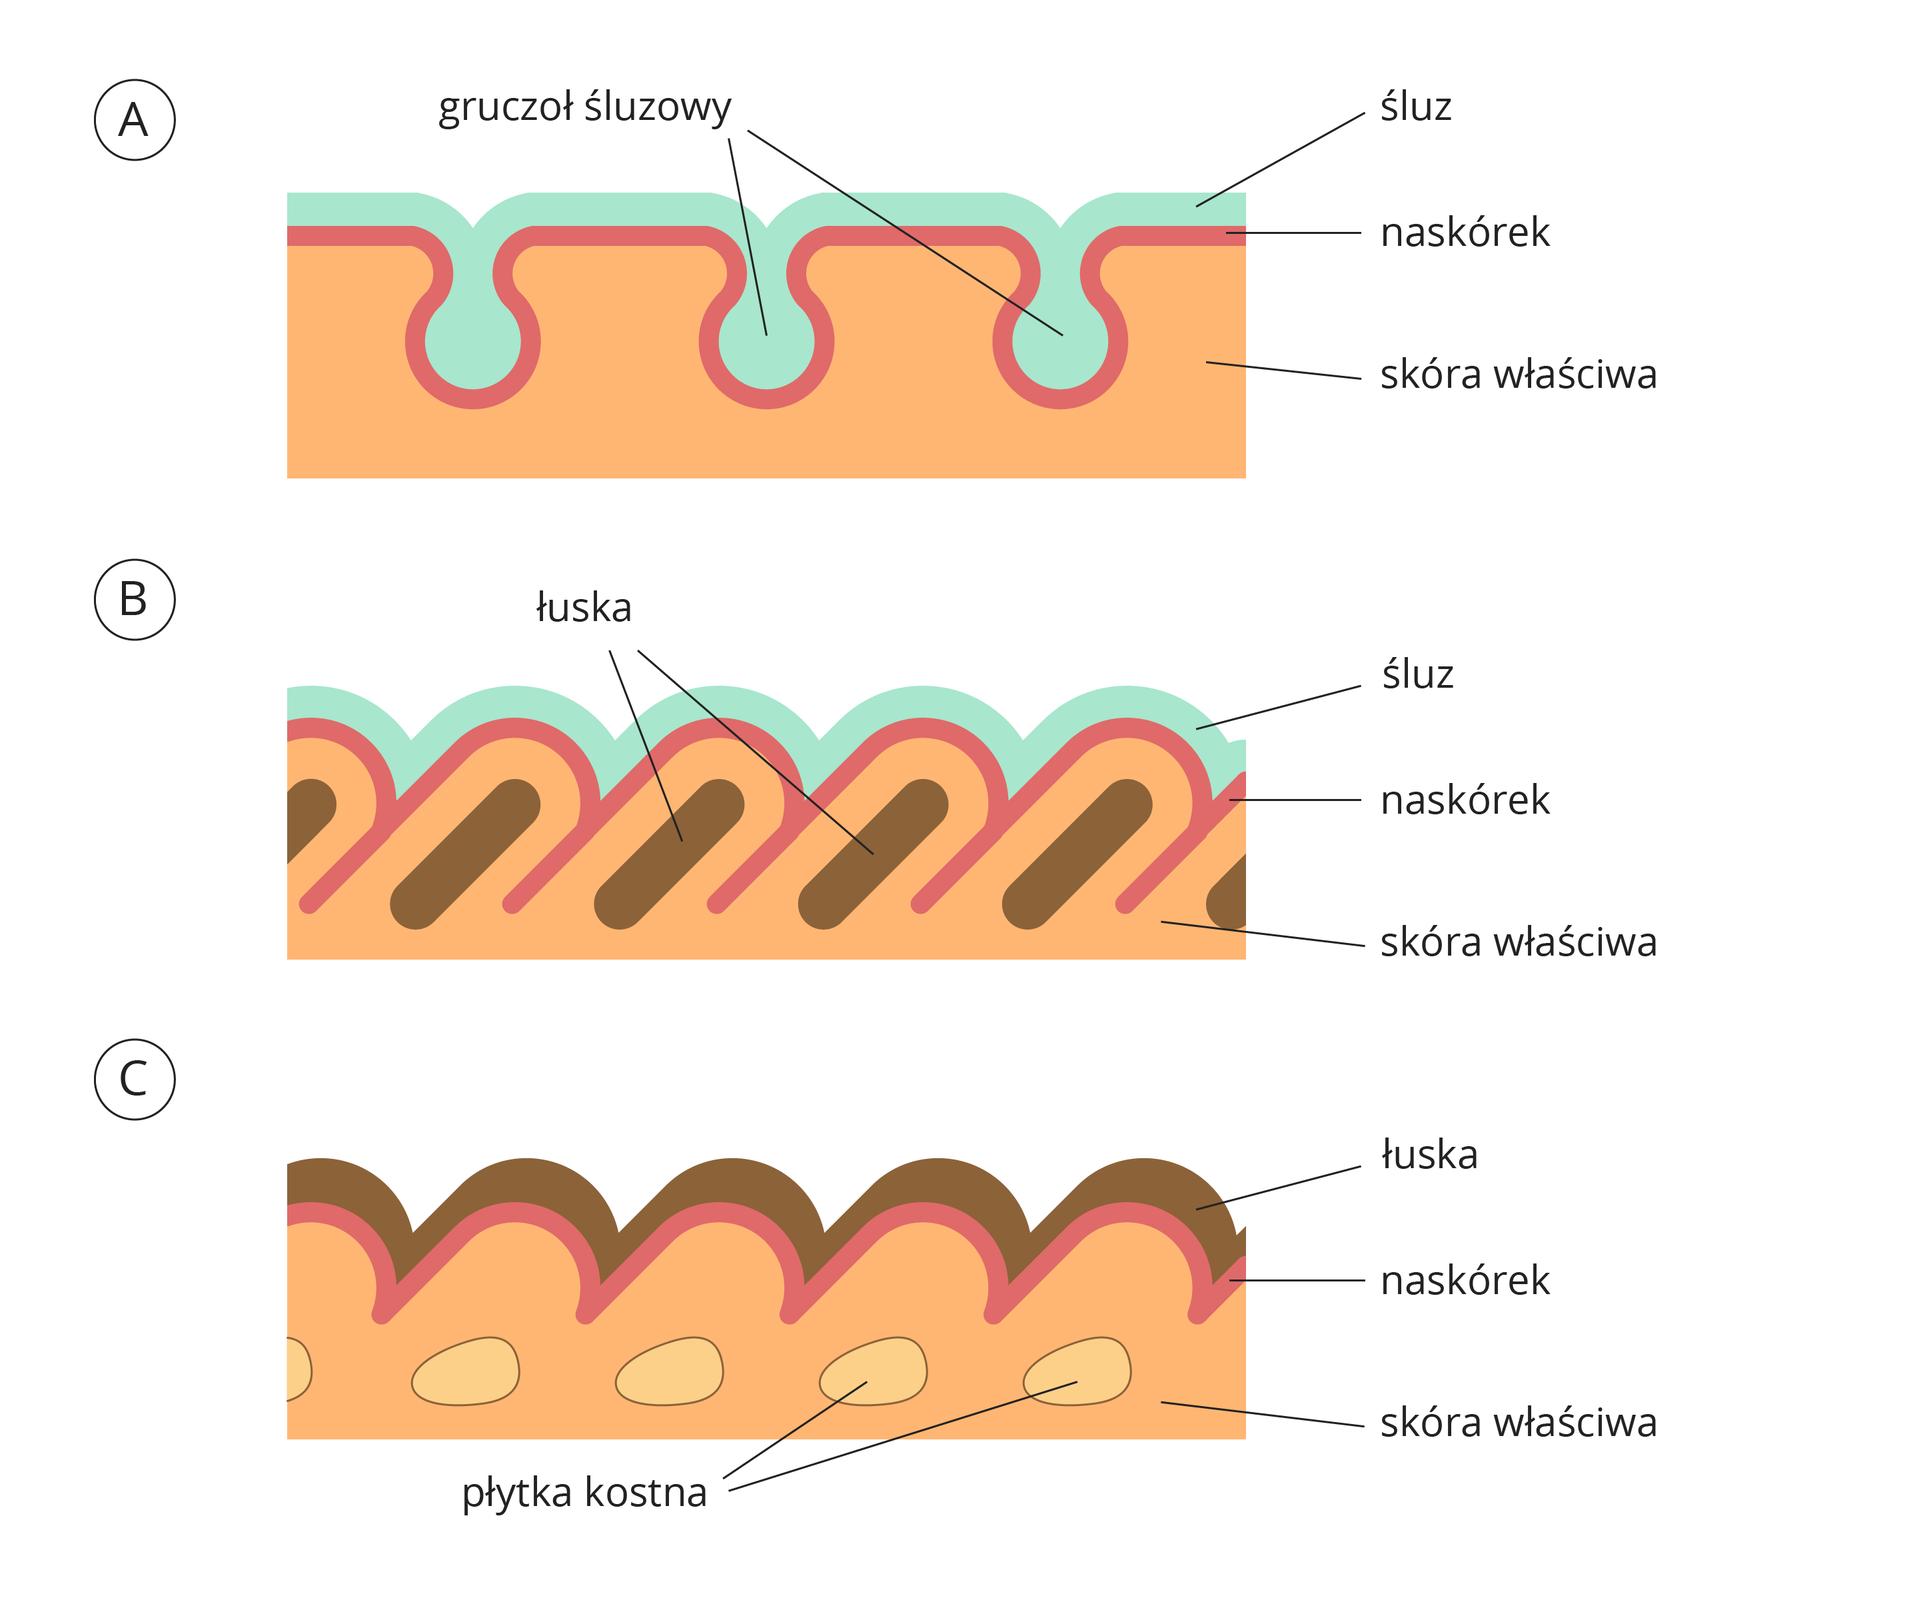 Ilustracja przedstawia trzy rysunki: A, BiC, ułożone jeden pod drugim. Na wszystkich rysunkach te same barwy oznaczają ten sam składnik skóry. Kolor błękitny oznacza śluz, brązowy łuskę, różowy naskórek, pomarańczowy skórę właściwą. Na rysunku Cwskórze jaśniejsze plamy oznaczają płytki kostne.